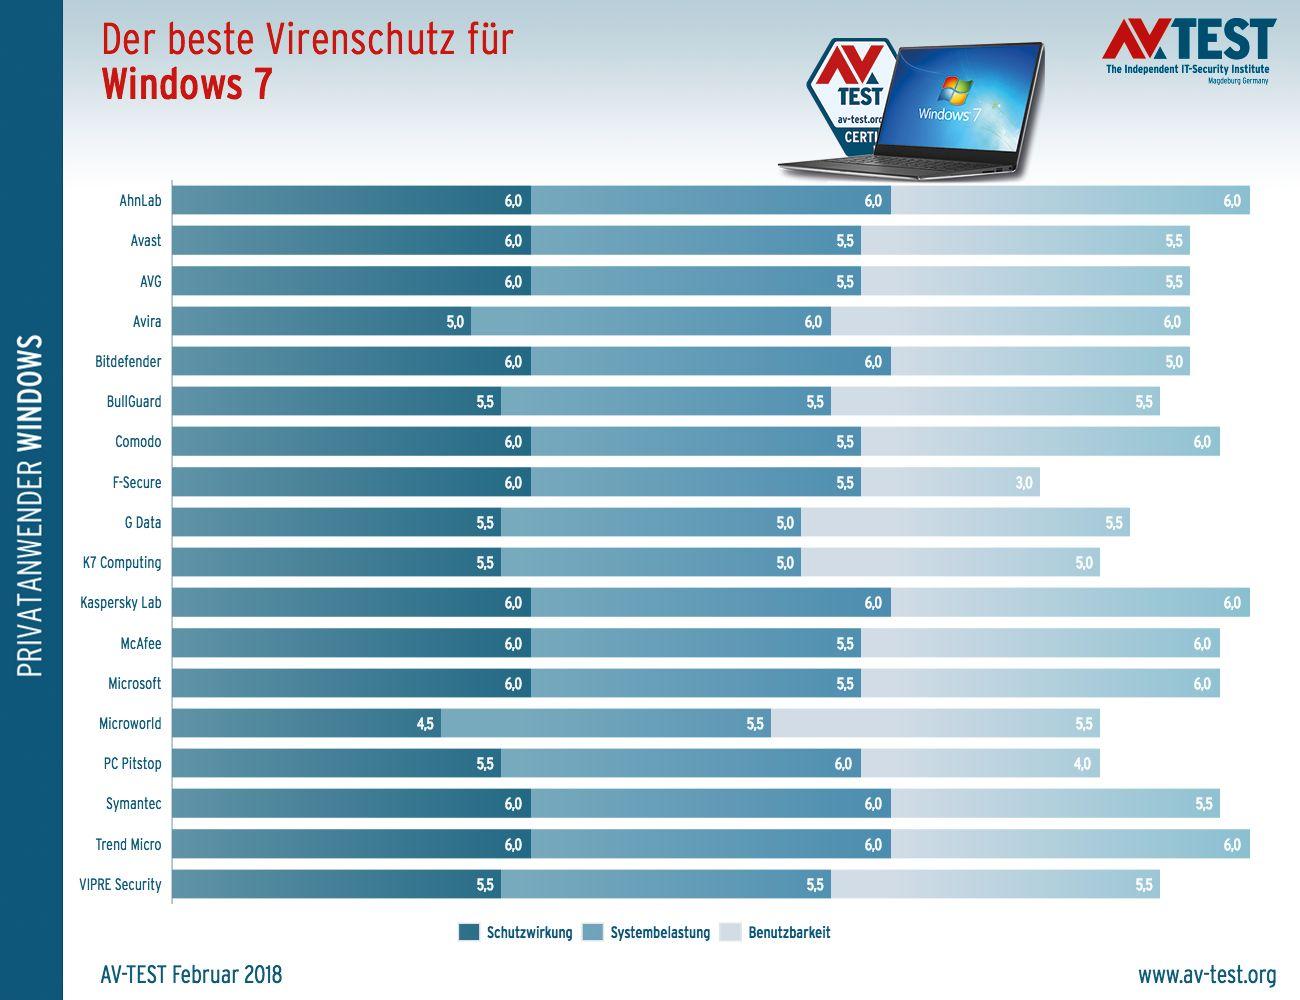 Antivirus-Programme für Windows 7 im Vergleich